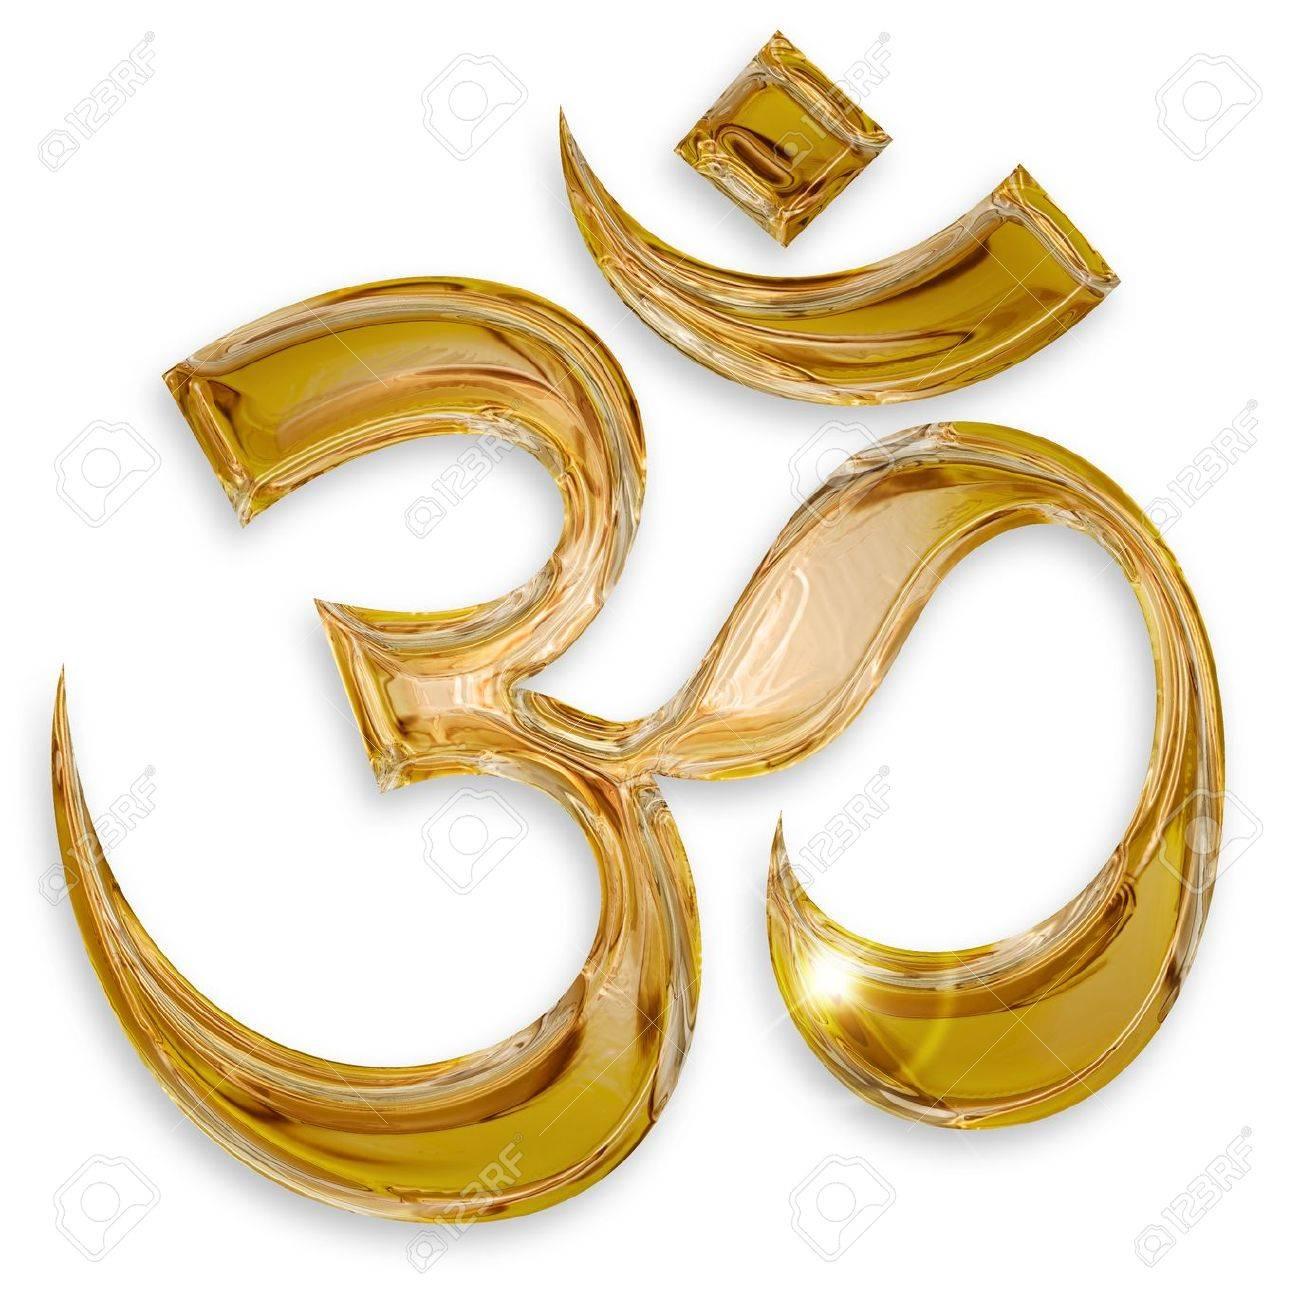 hindu om icon isolated on white background Stock Photo - 17695331